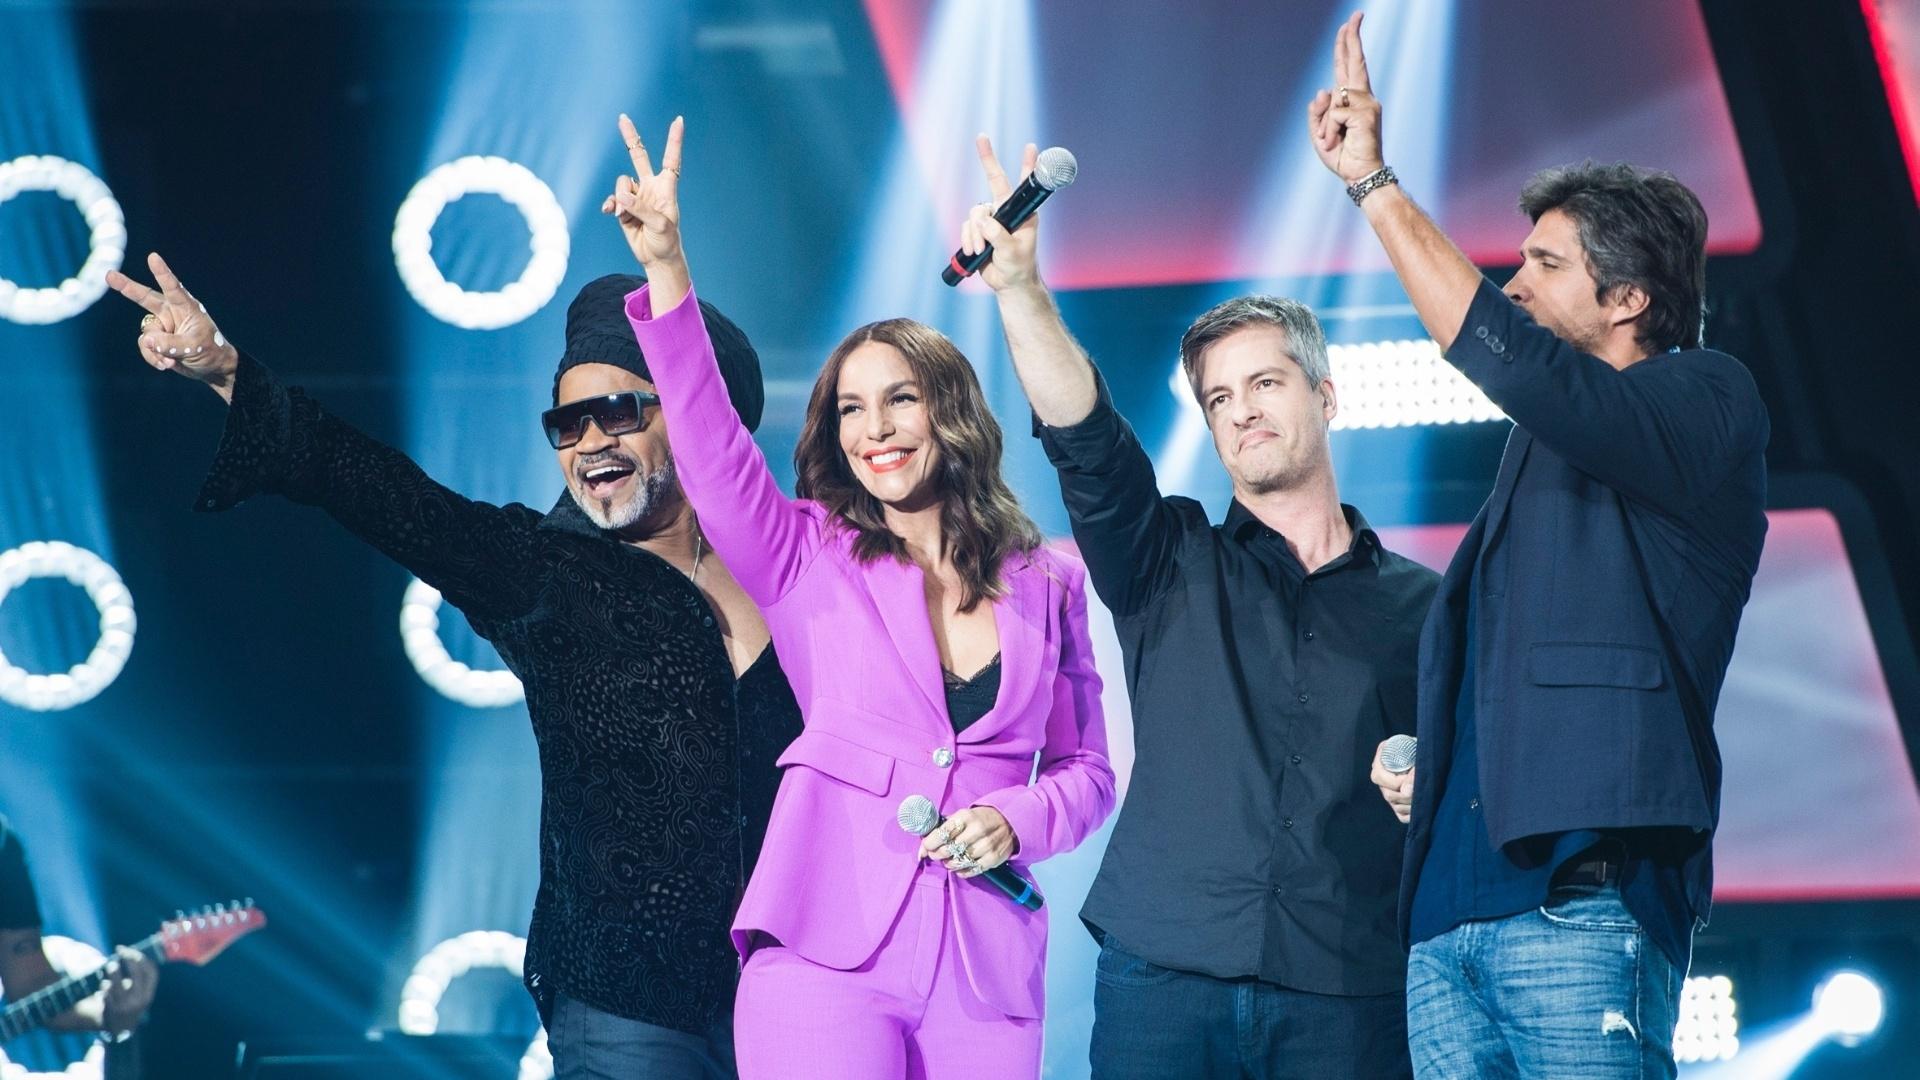 Carlinhos Brown, Ivete Sangalo e a dupla Victor & Leo na primeira gravação do